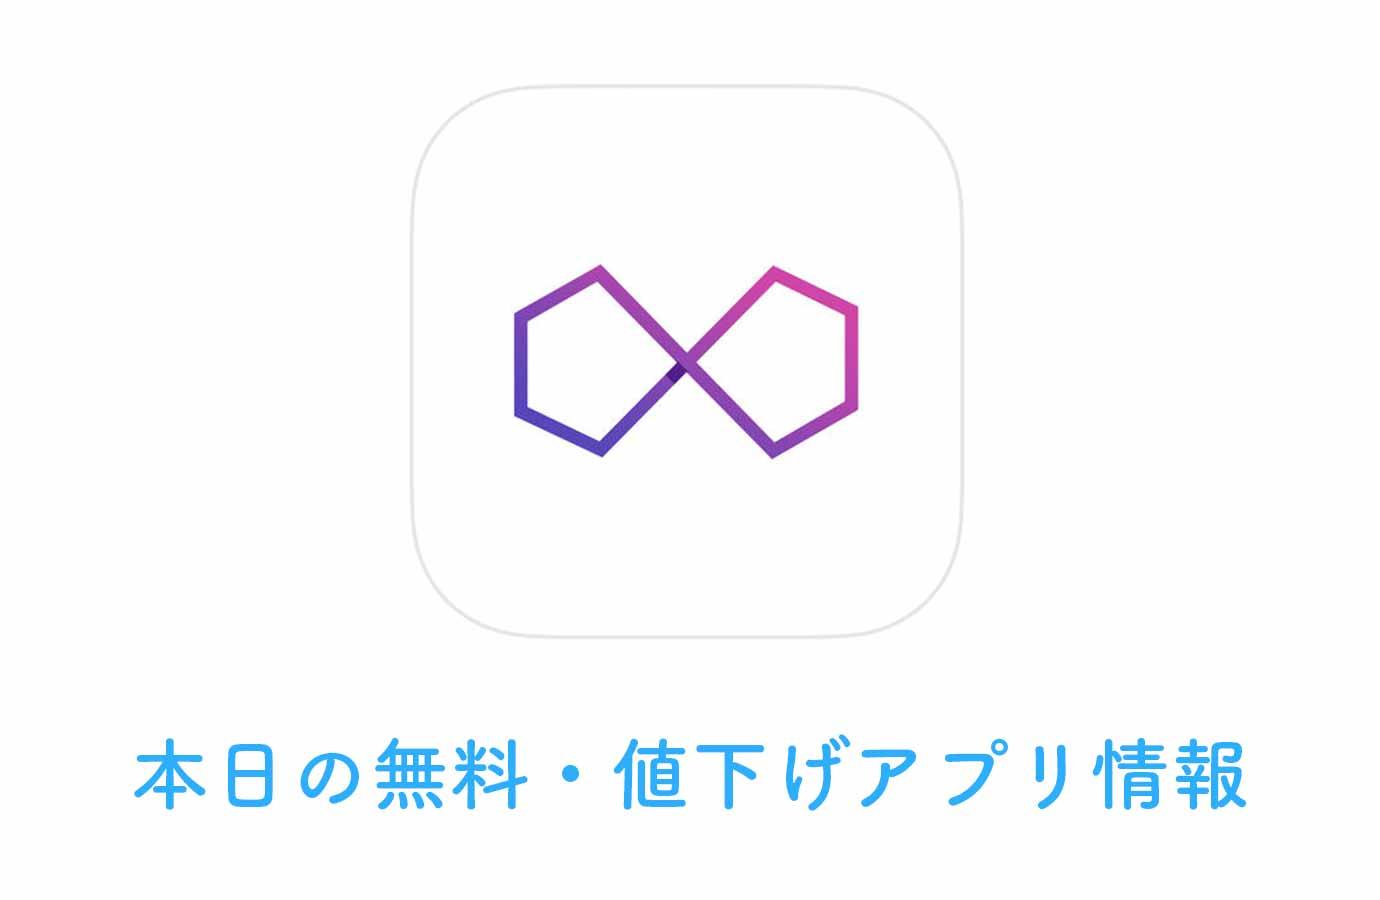 120円→無料、ワンタップで写真にフィルターをかけれる「Filterloop Infinite」など【4/20】本日の無料・値下げアプリ情報